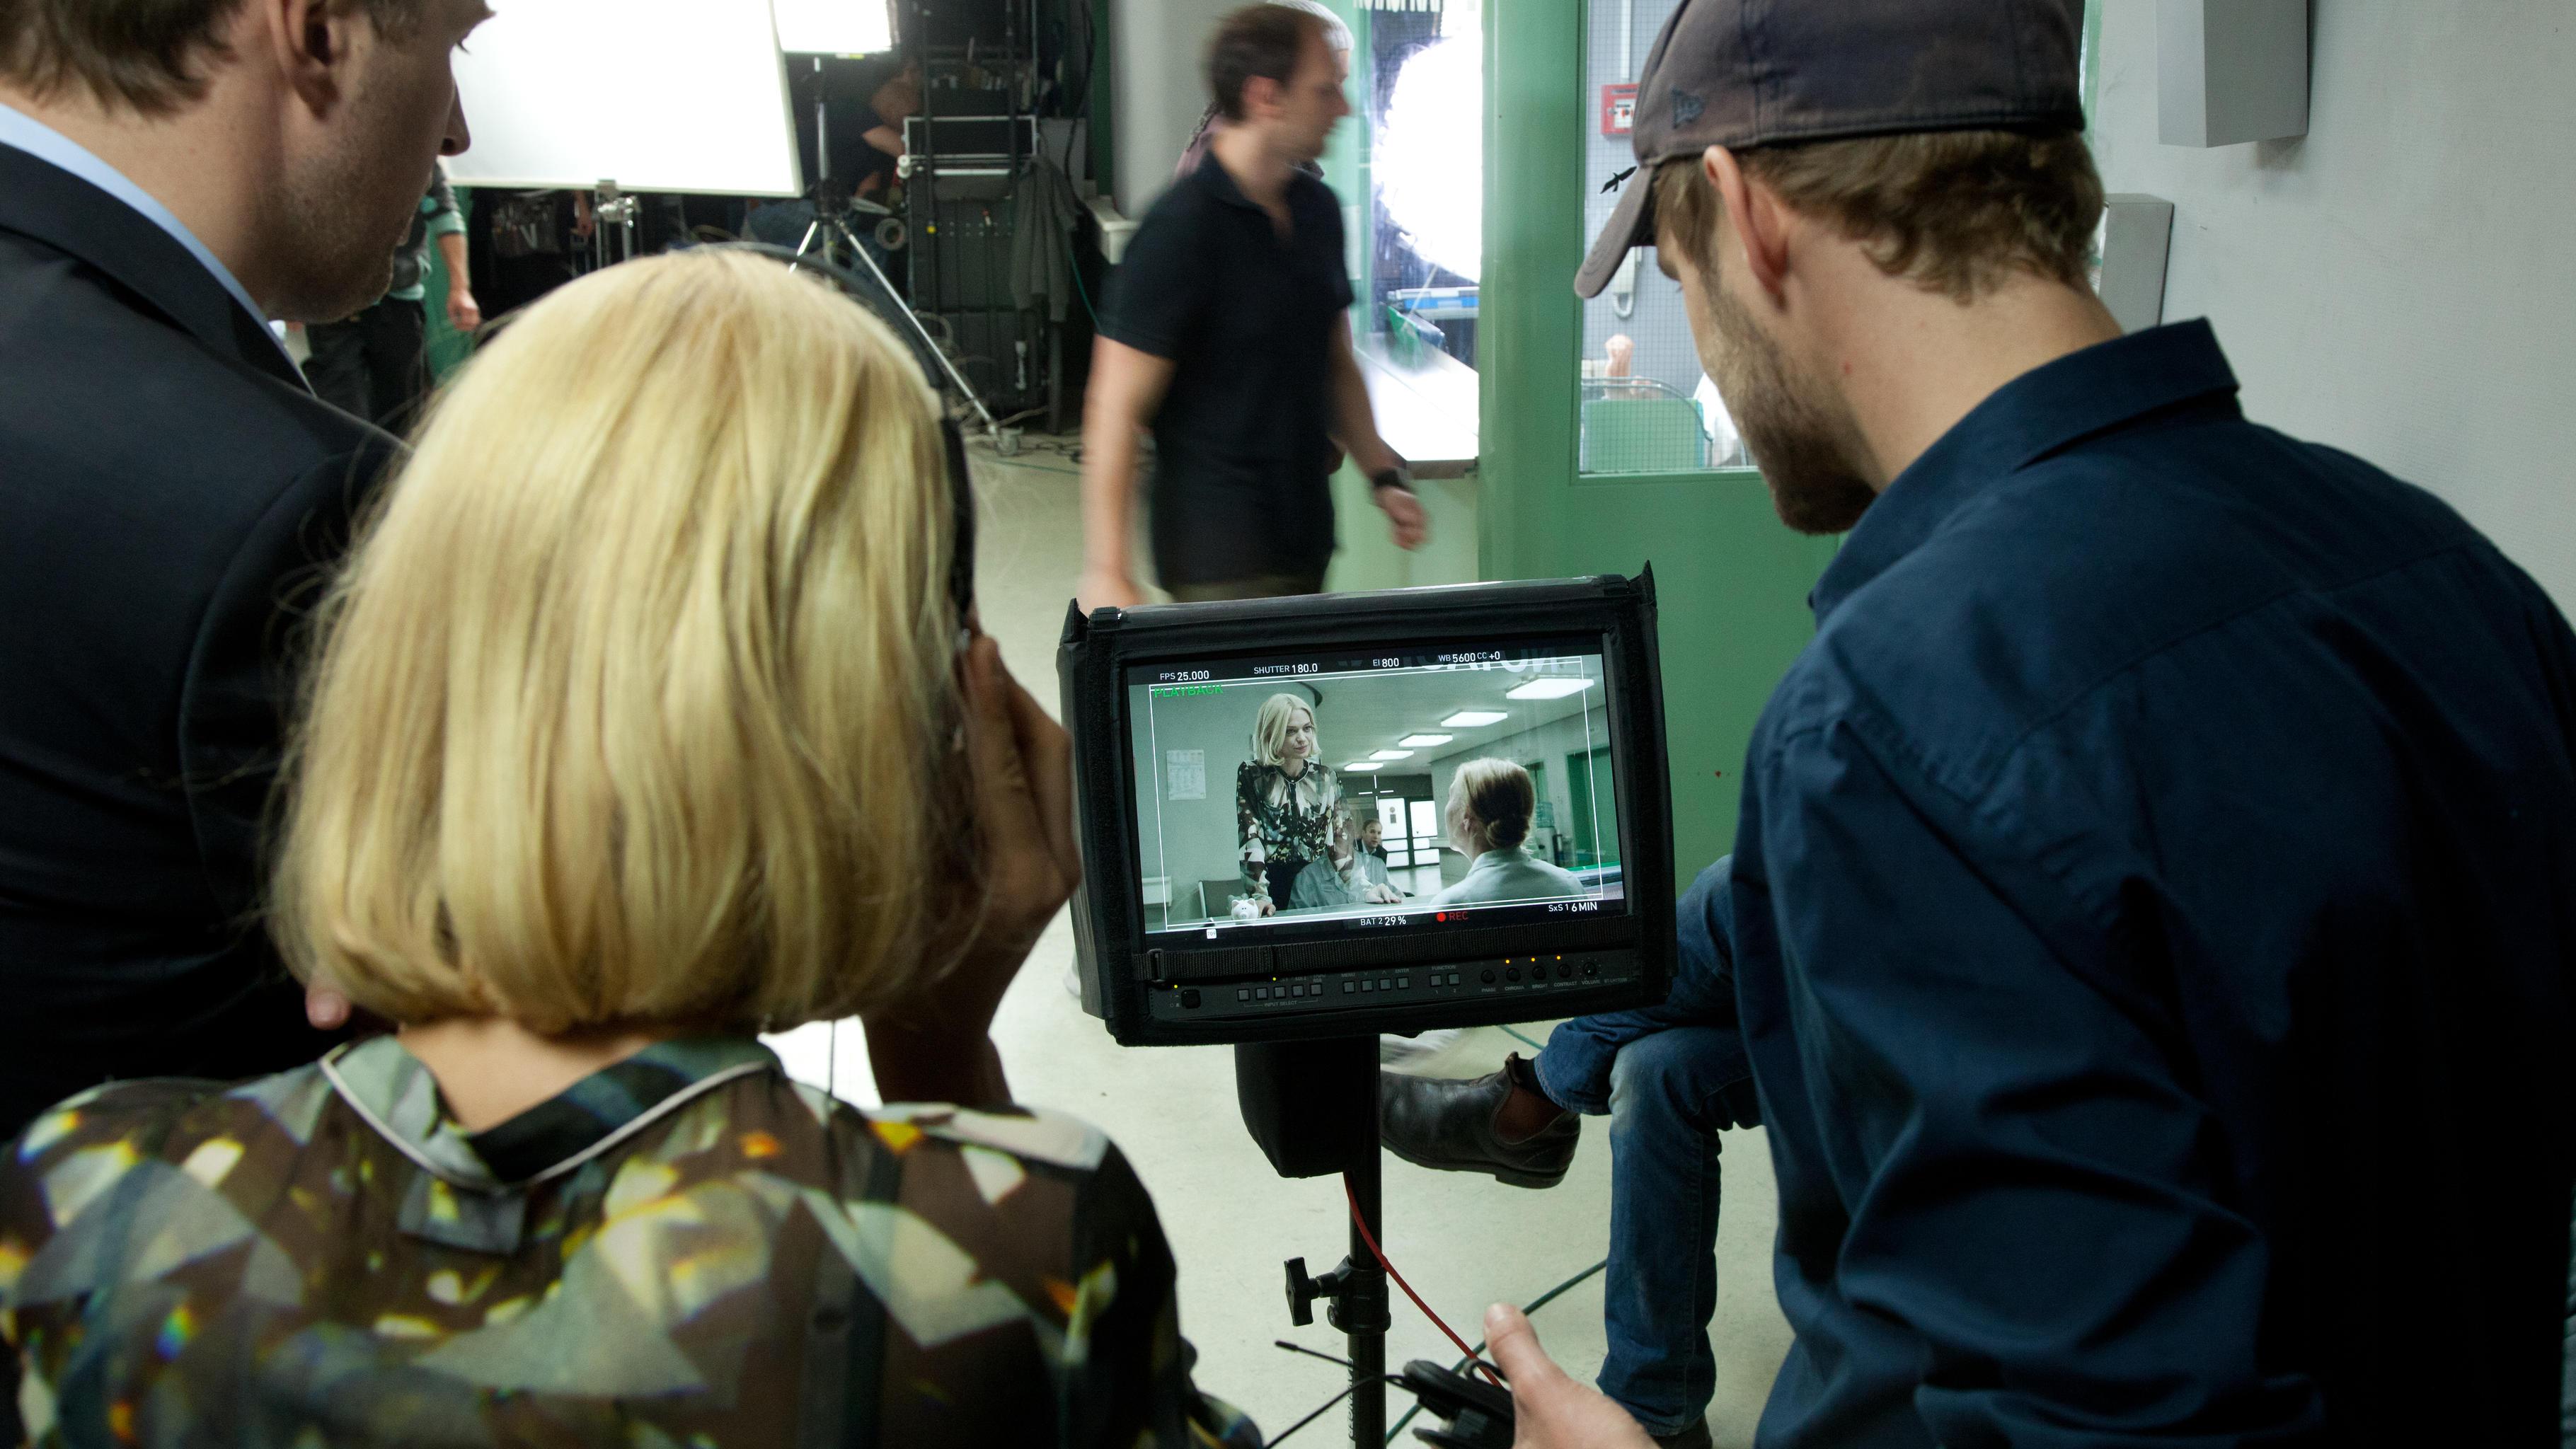 Die Darsteller schauen sich die gedrehten Szenen an